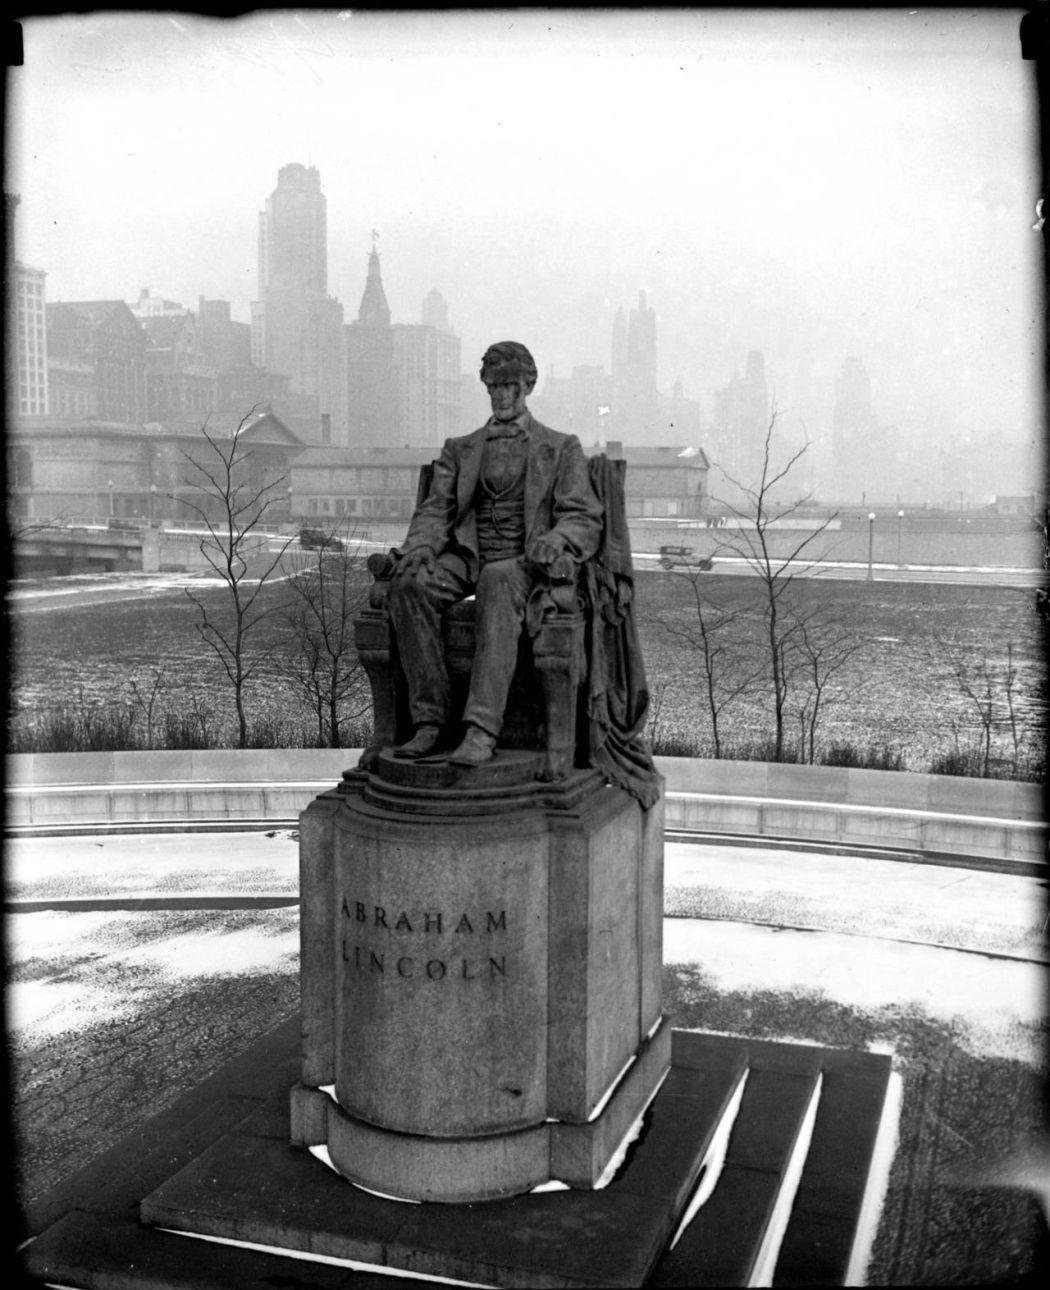 Grant-Park-in-Chicago-in-1800s-19